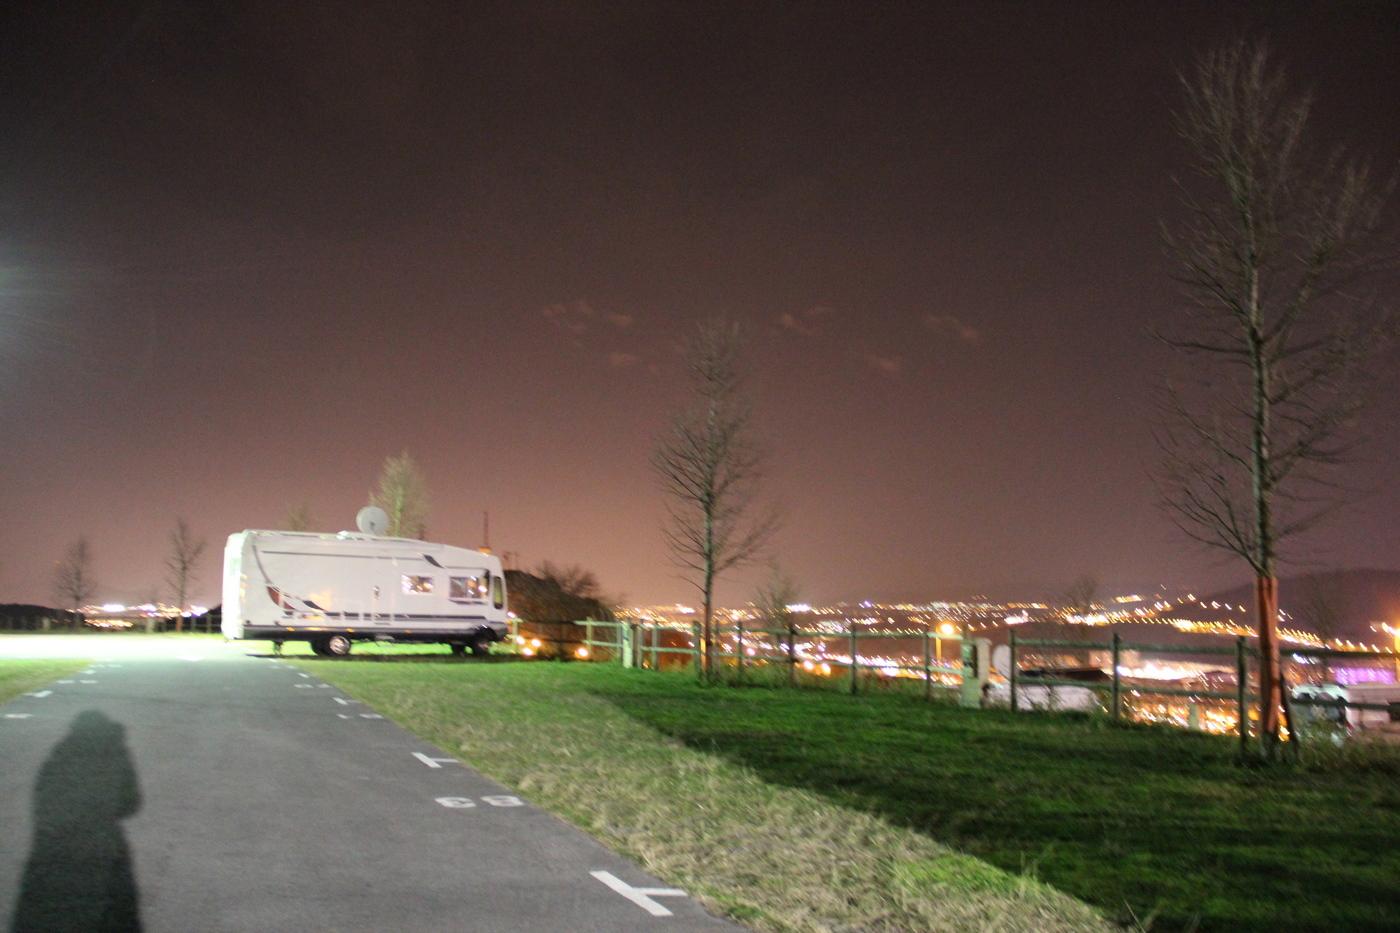 Bilbao Wohnmobilplatz abends